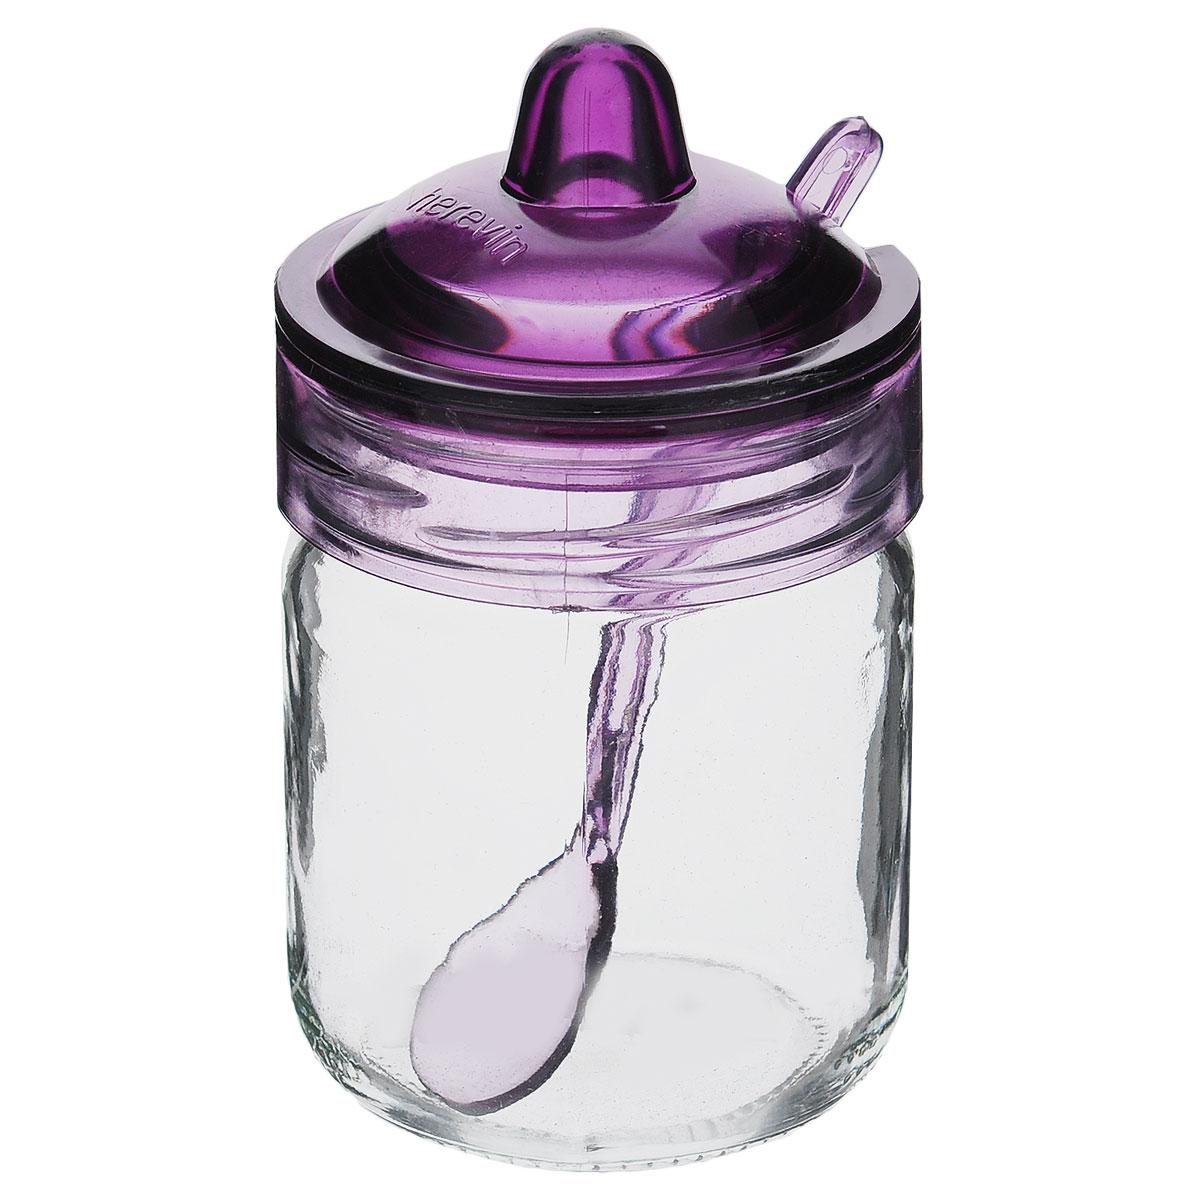 Банка для сыпучих продуктов Herevin Венеция, с ложечкой, цвет: фиолетовый, 200 мл. S131505S131505Банка для сыпучих продуктов Herevin Венеция изготовлена из прочного стекла. Банка оснащена плотно закрывающейся пластиковой крышкой с термоусадкой. Благодаря этому внутри сохраняется герметичность, и продукты дольше остаются свежими. Изделие предназначено для хранения различных сыпучих продуктов: круп, чая, сахара, орехов и т.д. Особенно прекрасно банка подойдет для специй. В комплекте - пластиковая ложечка, с помощью которой вы с легкостью сможете достать содержимое. Функциональная и вместительная, такая банка станет незаменимым аксессуаром на любой кухне. Можно мыть в посудомоечной машине. Пластиковые части рекомендуется мыть вручную. Объем: 200 мл. Диаметр (по верхнему краю): 6,5 см. Высота банки (без учета крышки): 8,5 см. Длина ложечки: 11,5 см. Объем: 200 мл. Диаметр (по верхнему краю): 6,5 см. Высота банки (без учета крышки): 8,5 см. Длина ложечки: 11,5 см.